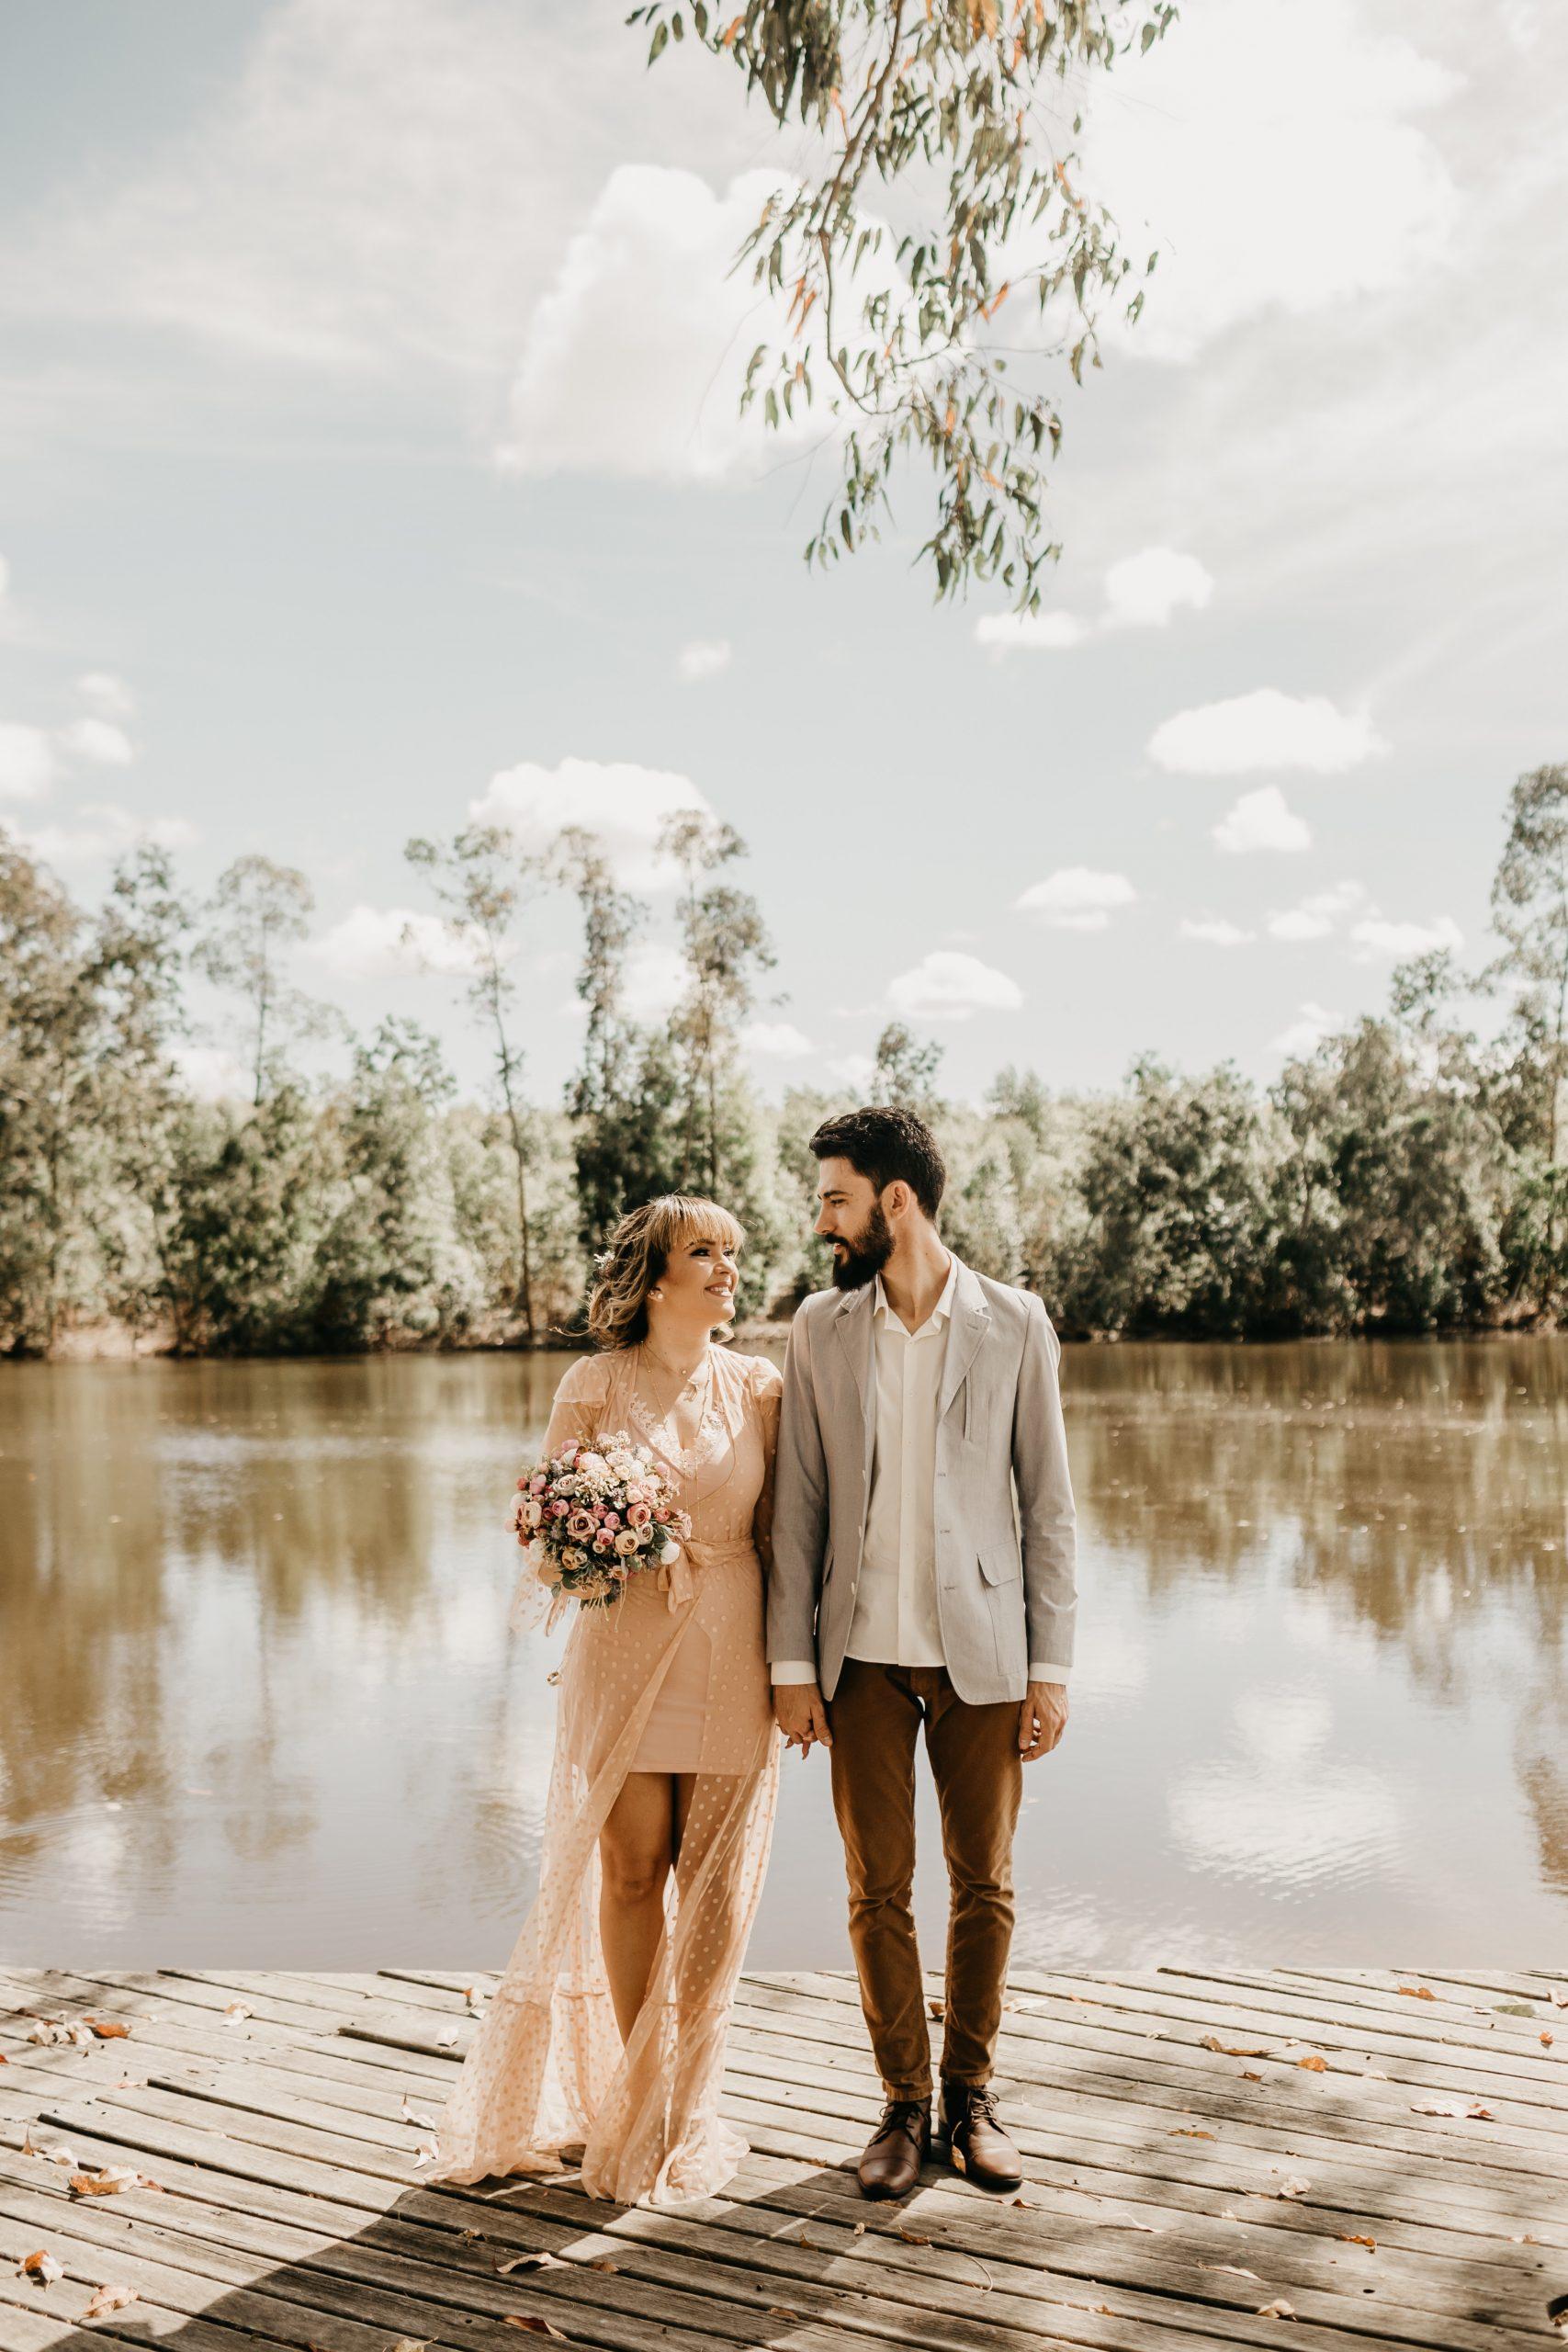 Düğün Hazırlıkları Ne Zaman Başlanmalı?